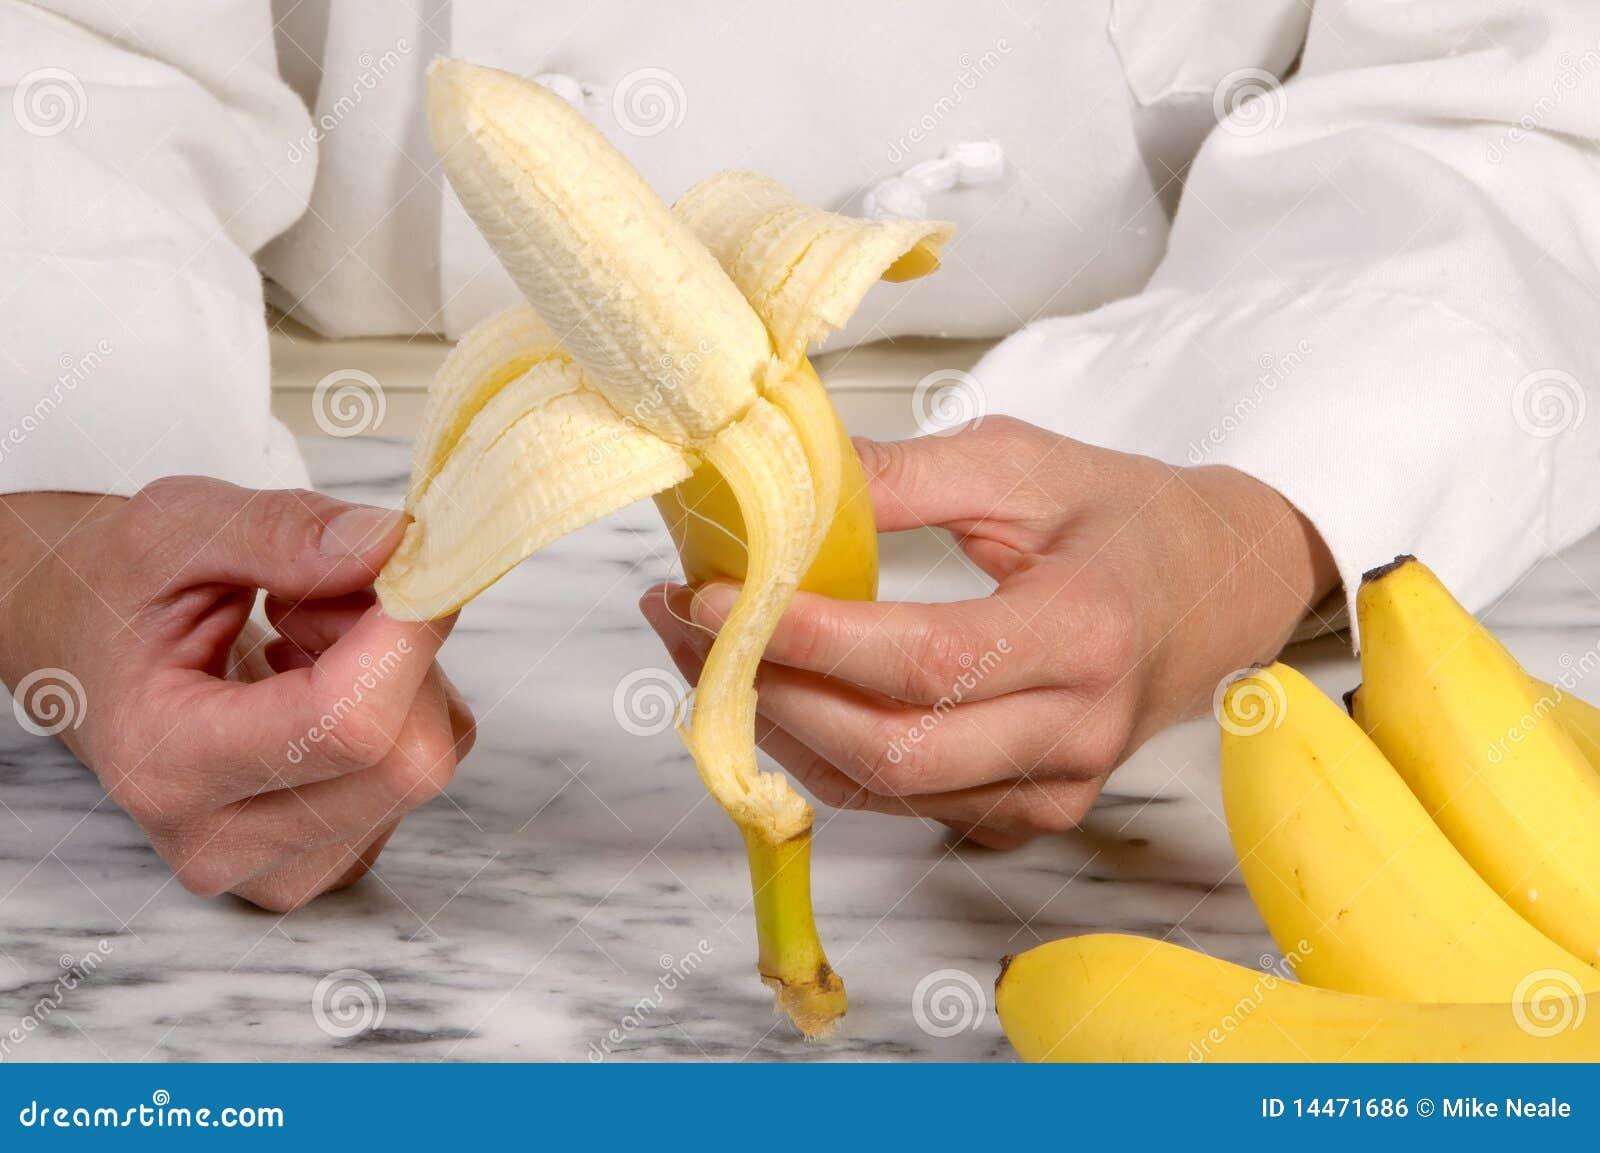 Chef Peeling Banana Stock Photo Image Of Fresh Healthy